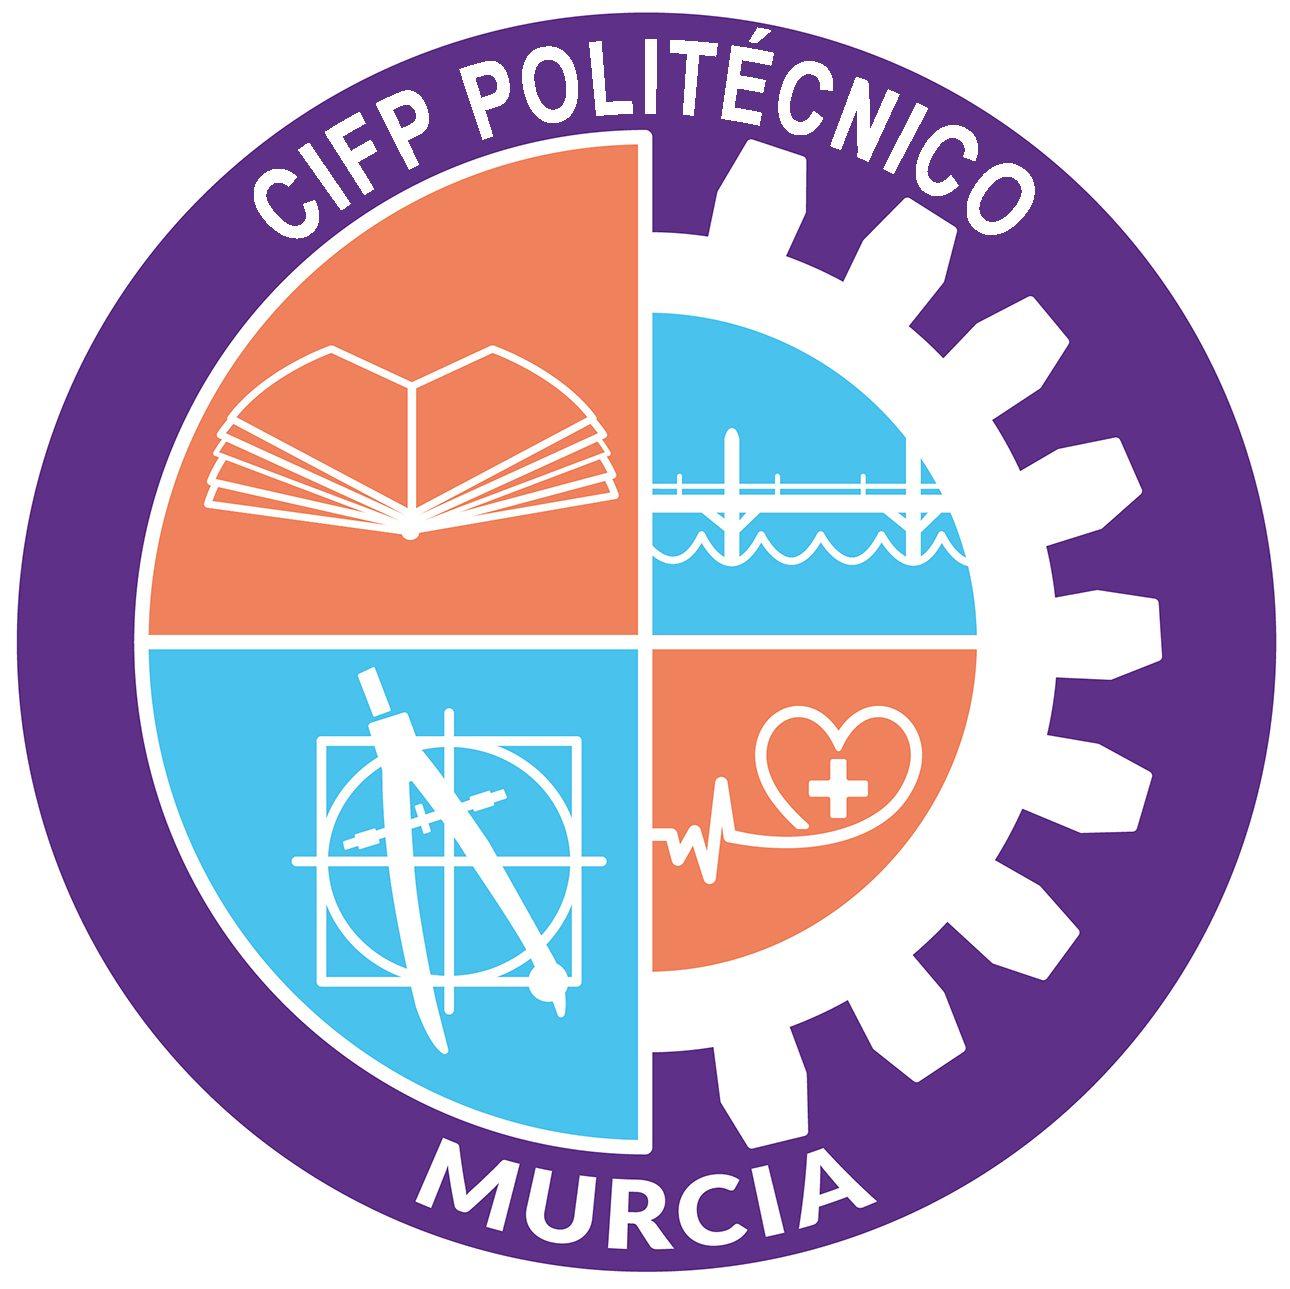 CIFP Politécnico de Murcia